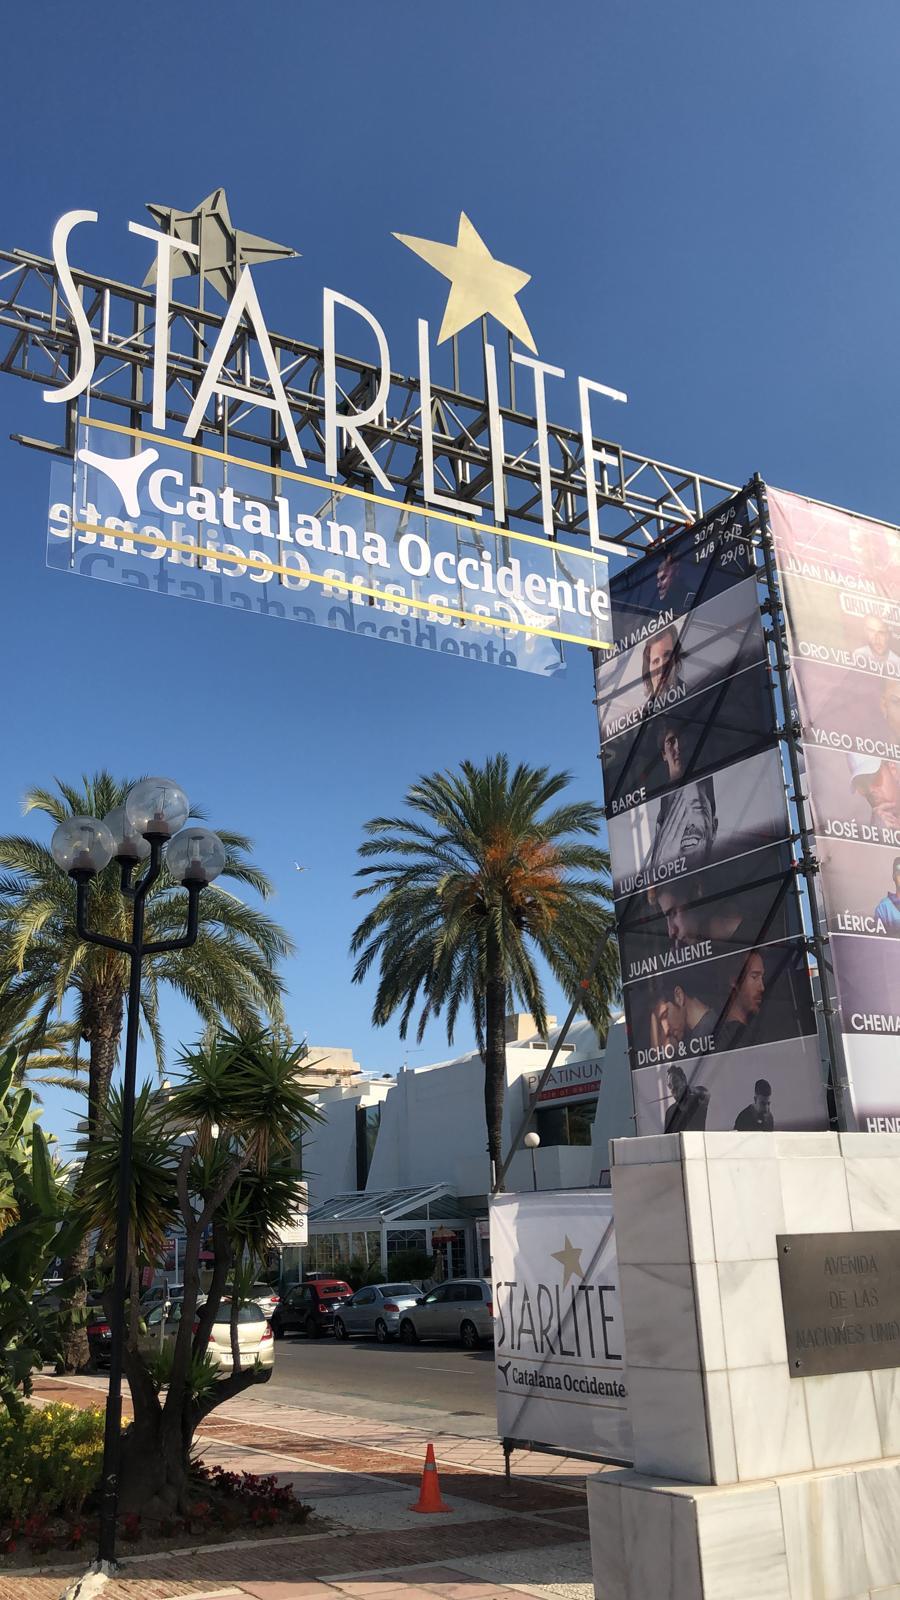 Entrada con logo Starlite 2020